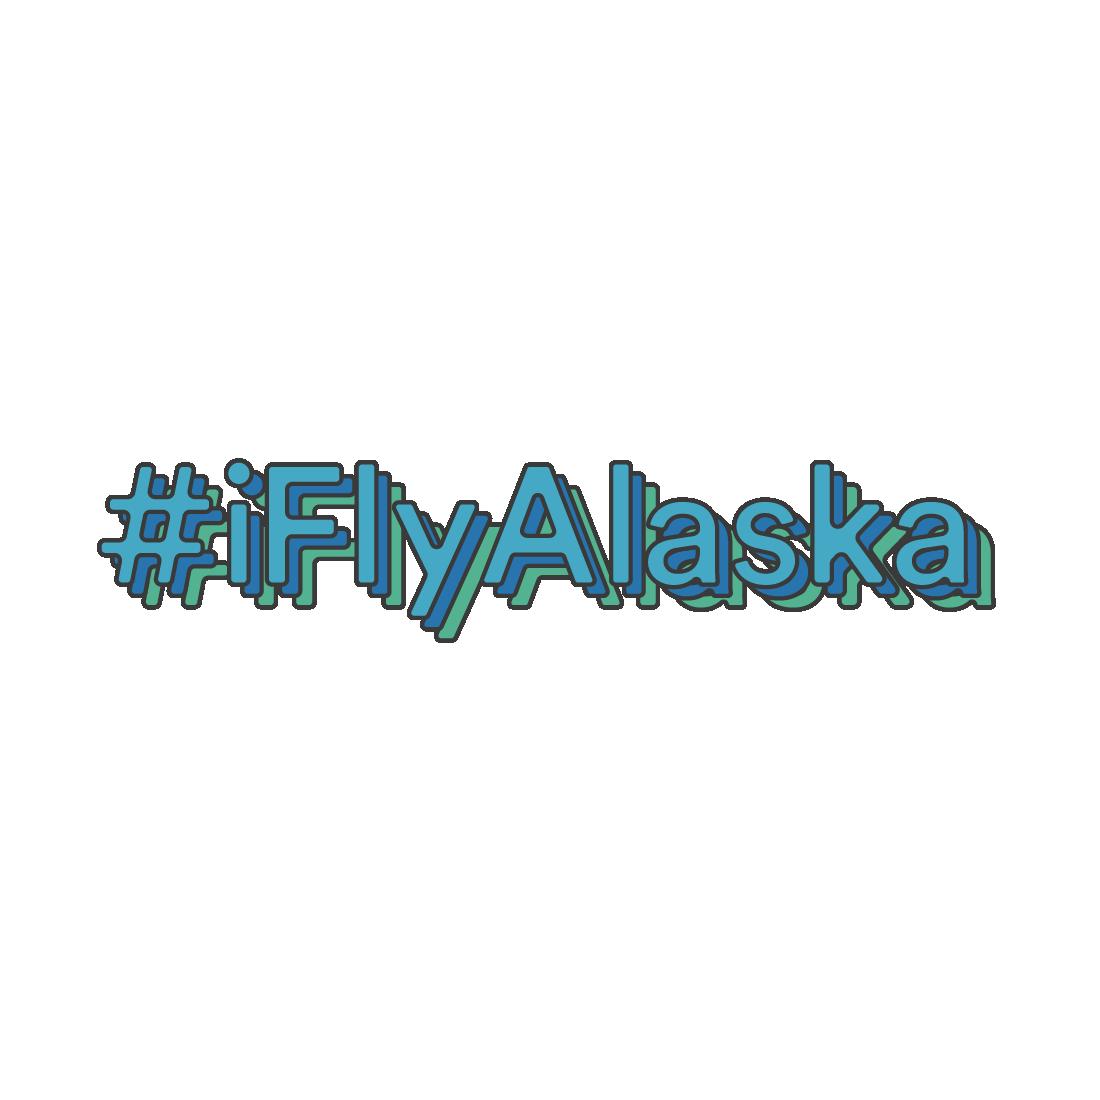 Social-Giphys_#iFlyAlaska-Multi-Flashing-Retro.png